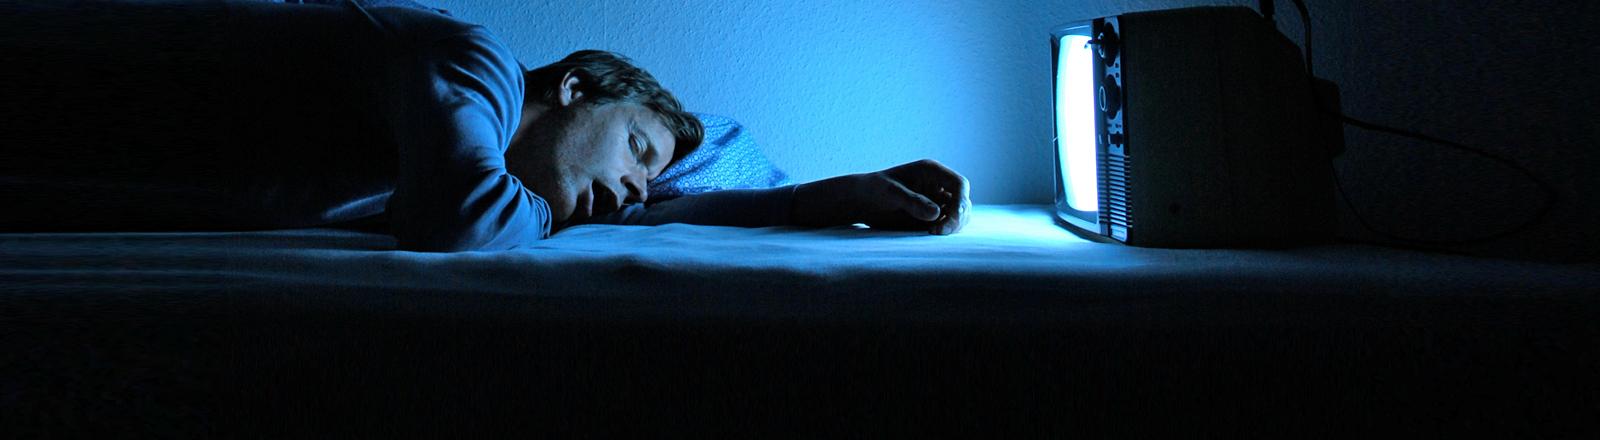 Ein Mann ist vor seinem flimmernden Fernseher eingeschlafen.